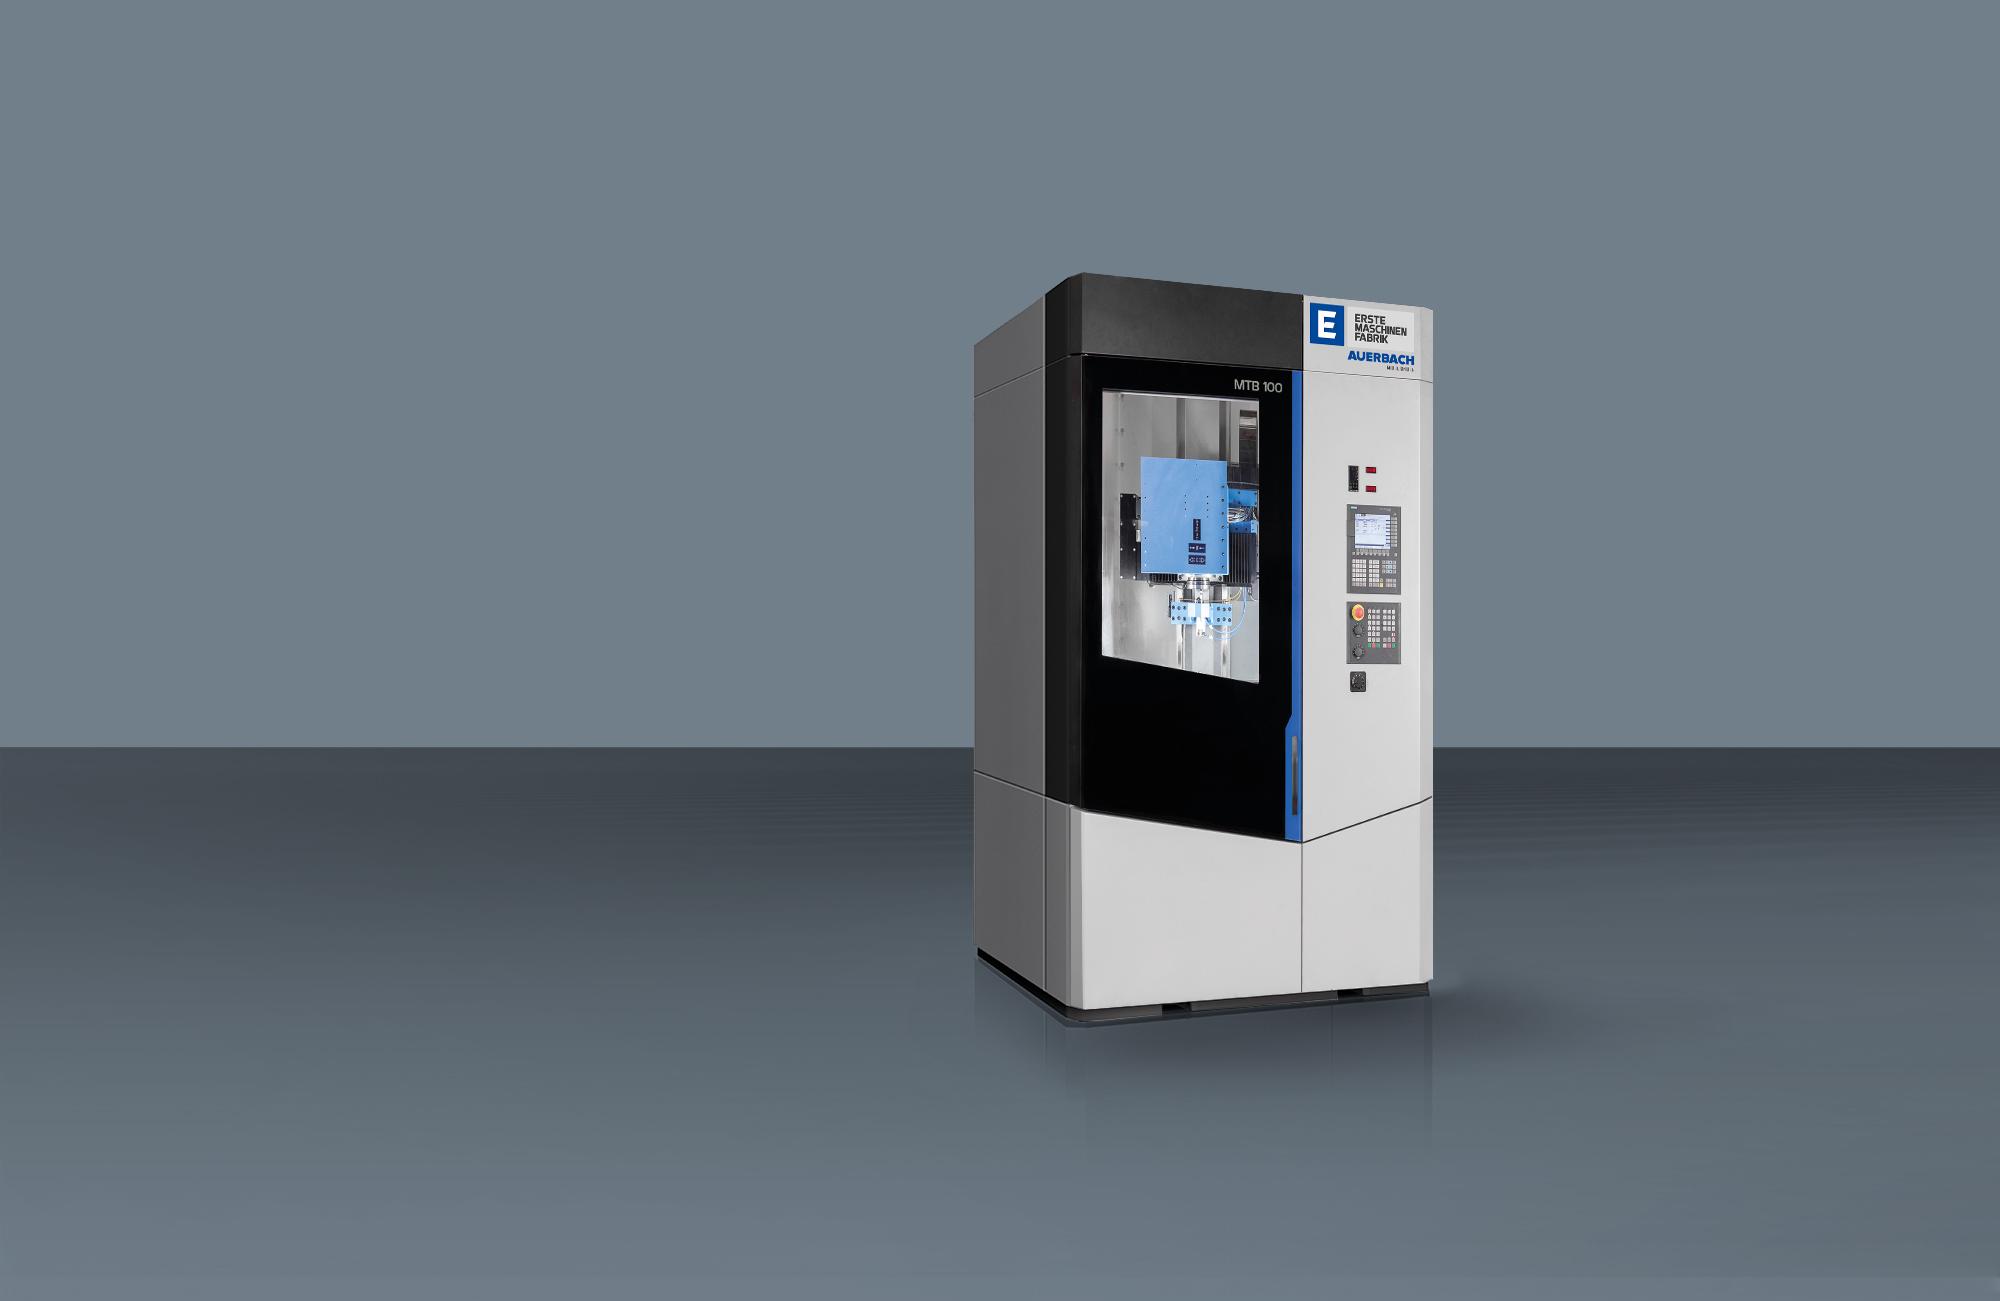 Anlagenfotografie einer Tiefbohrmaschine von Ermafa Auerbach in Maschineninhausung